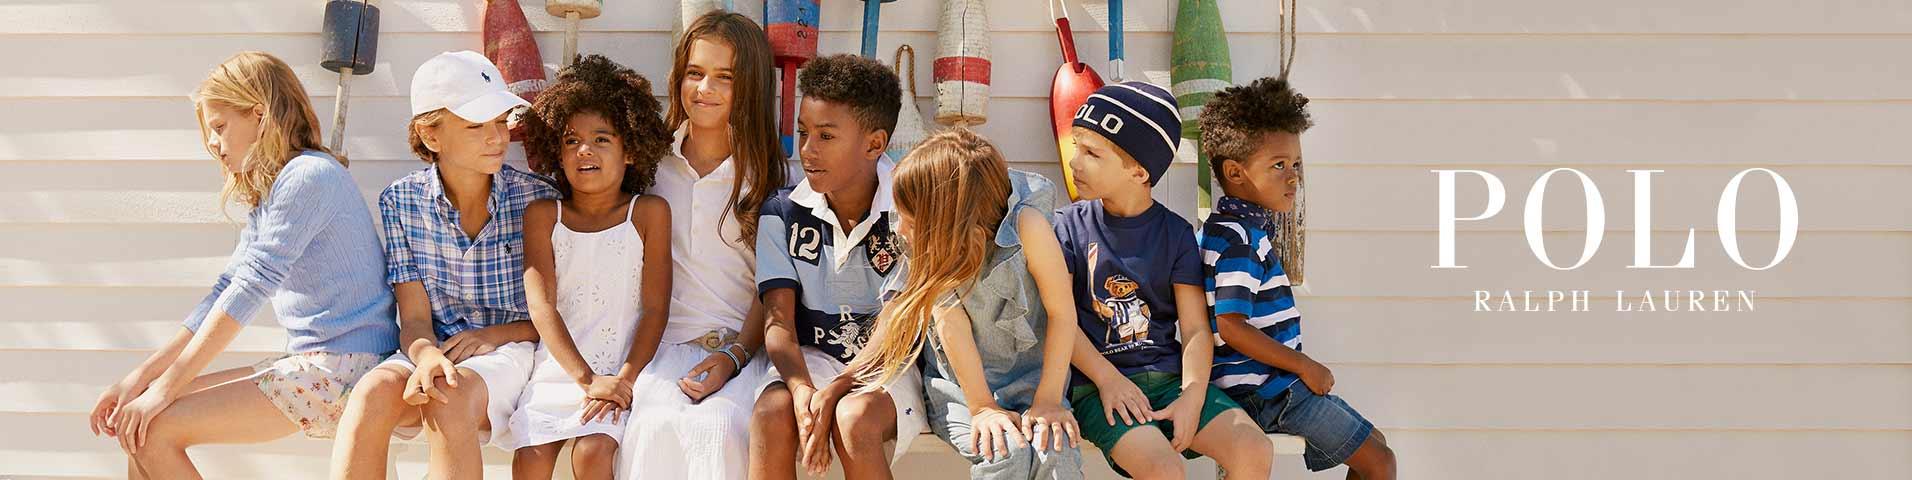 Collezione bimbi Polo Ralph Lauren | Promo su Zalando